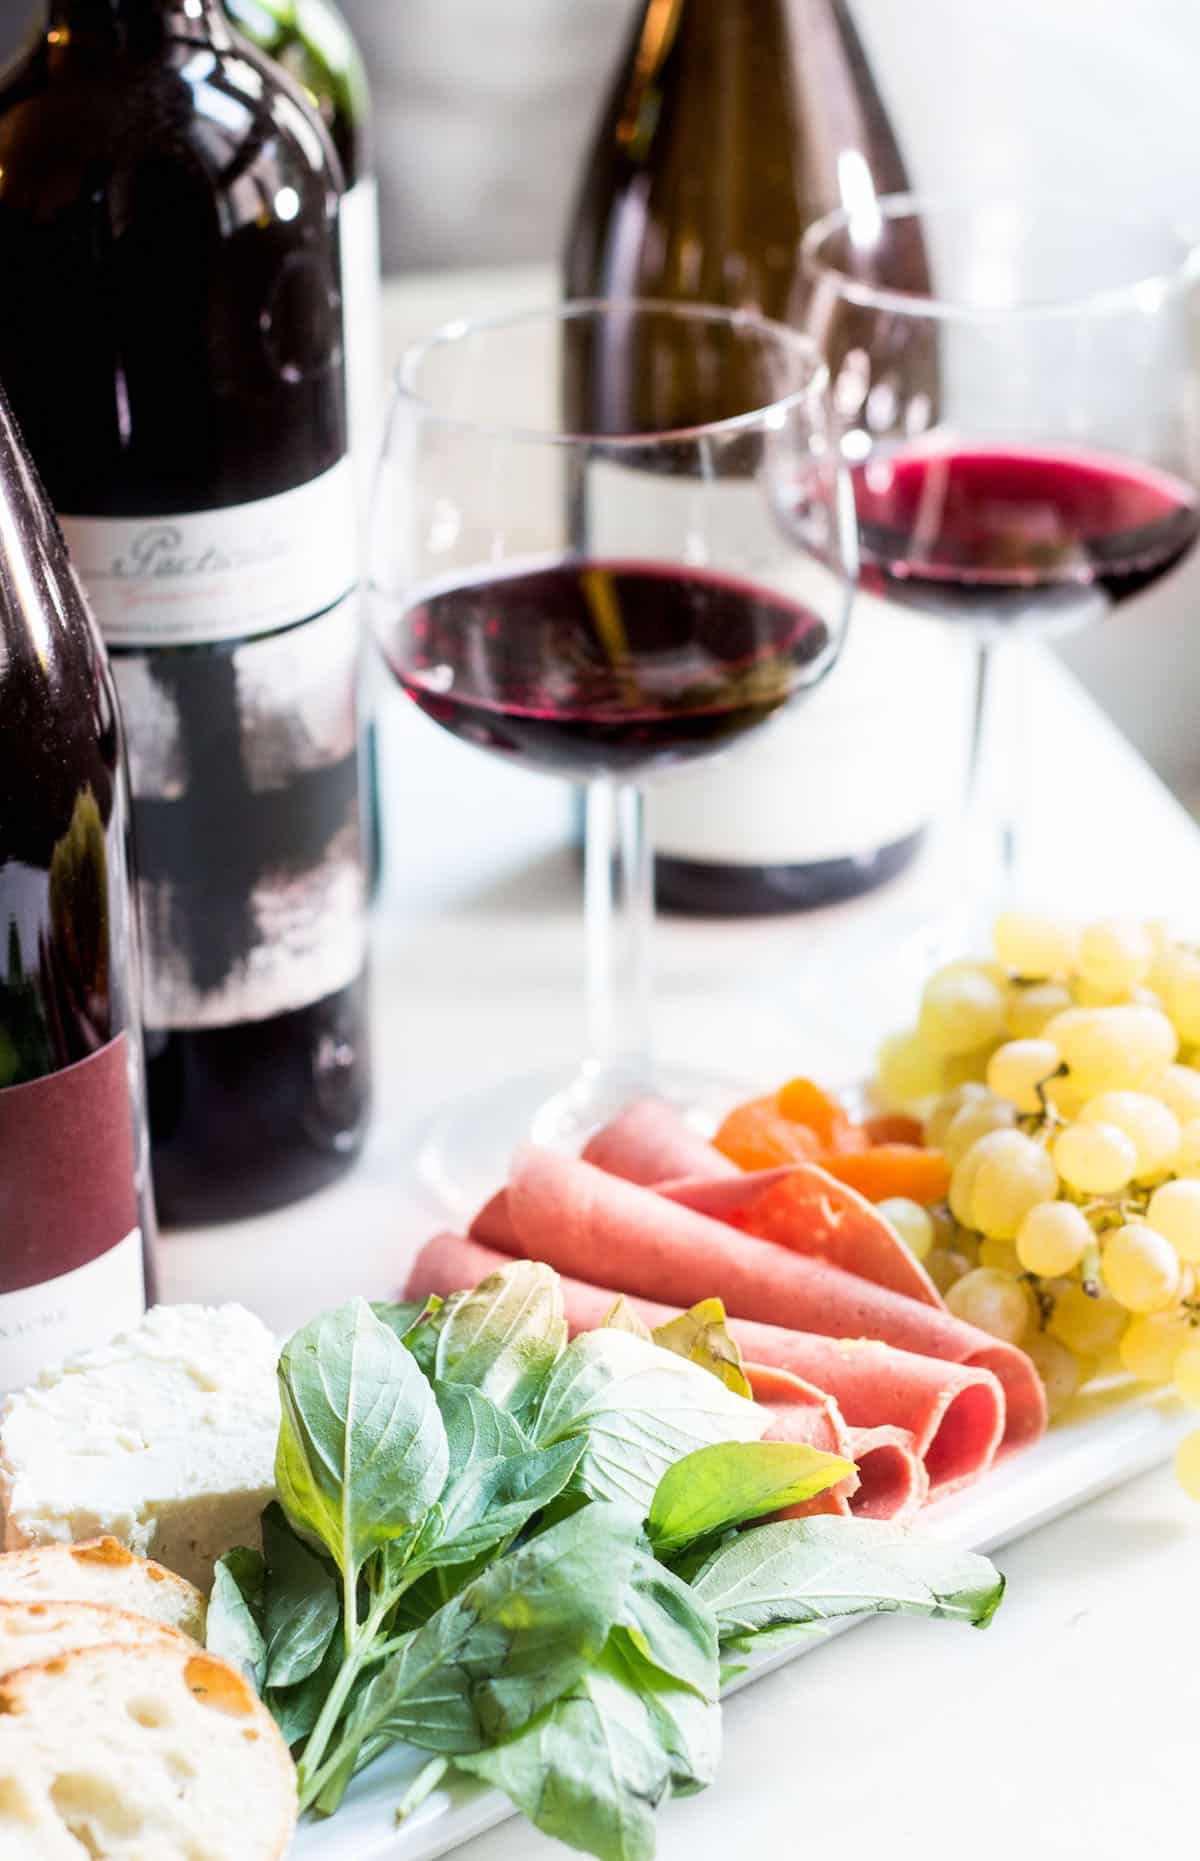 Mediterranean Platter + Garnacha/Grenache Wines